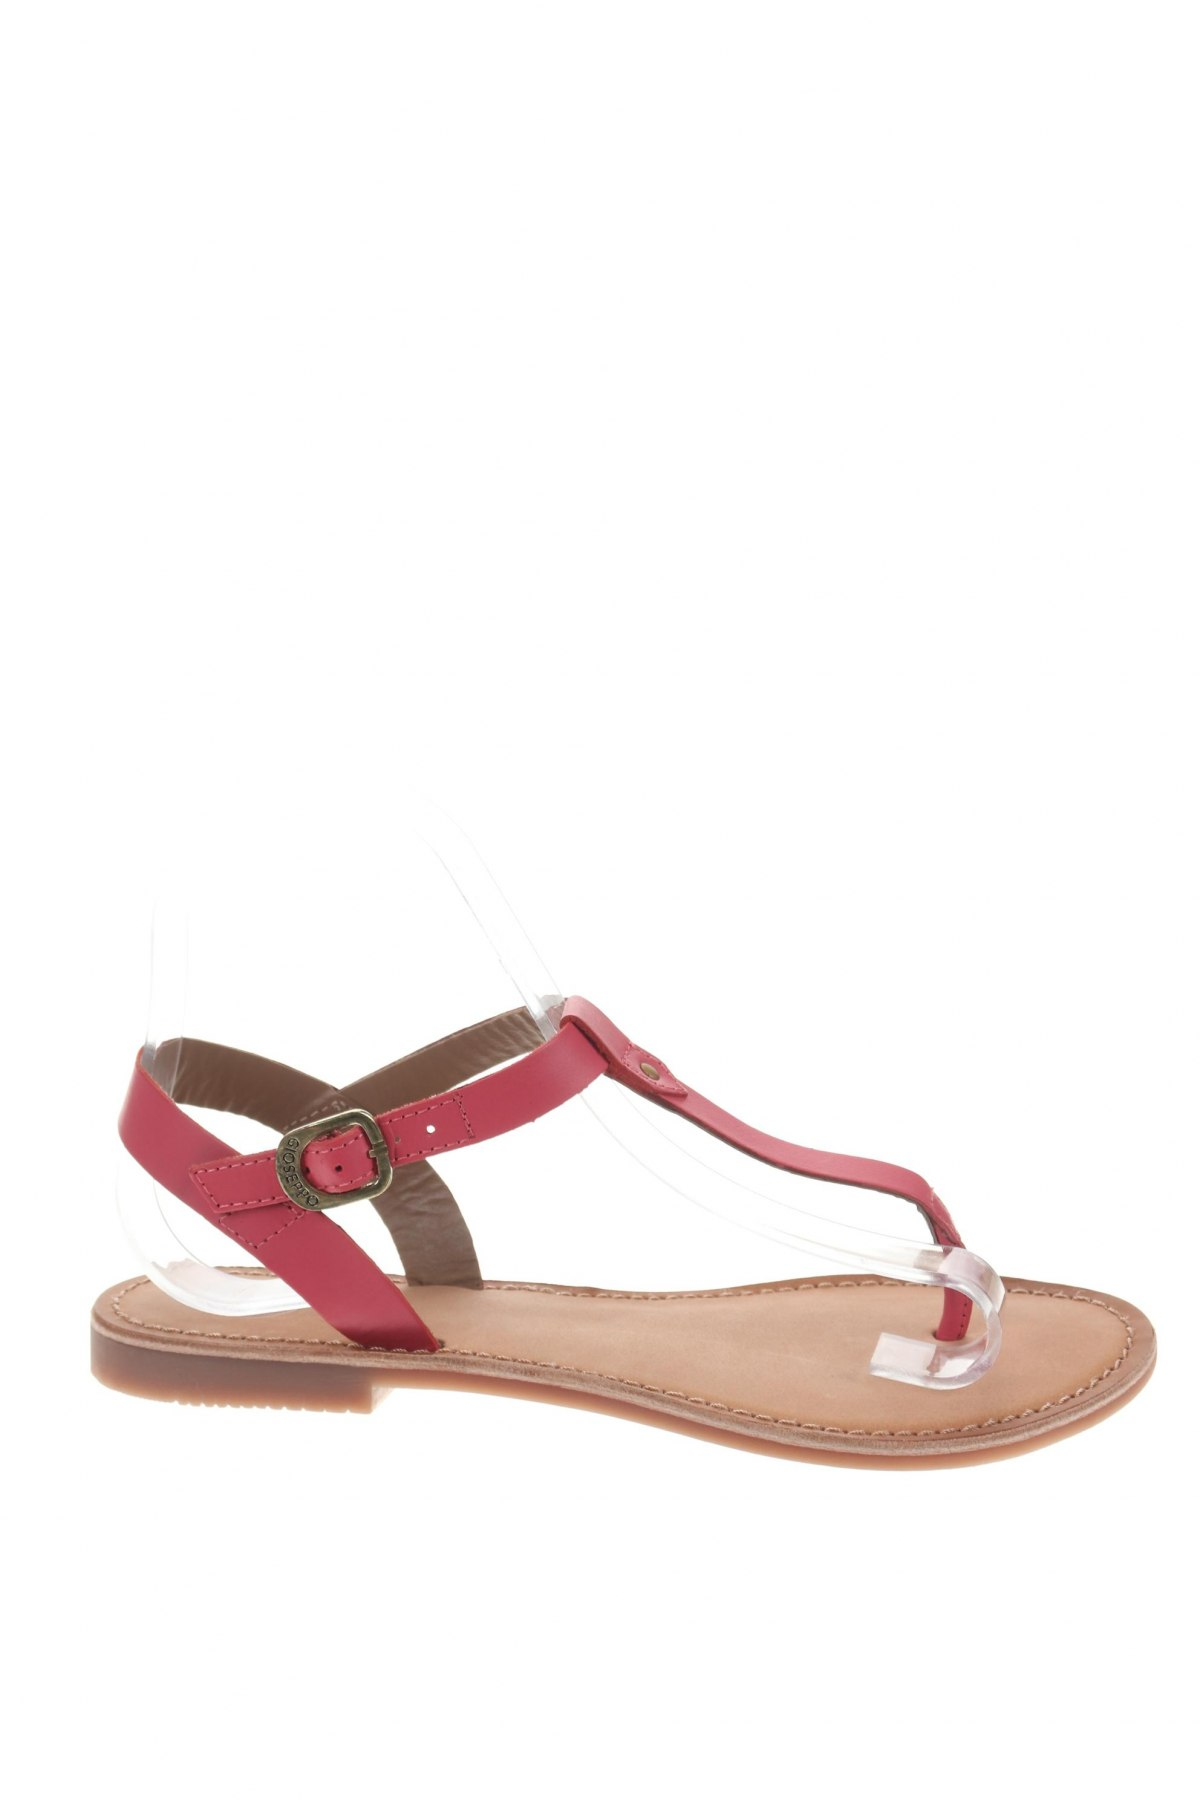 Σανδάλια Gioseppo, Μέγεθος 37, Χρώμα Ρόζ , Γνήσιο δέρμα, Τιμή 25,11€